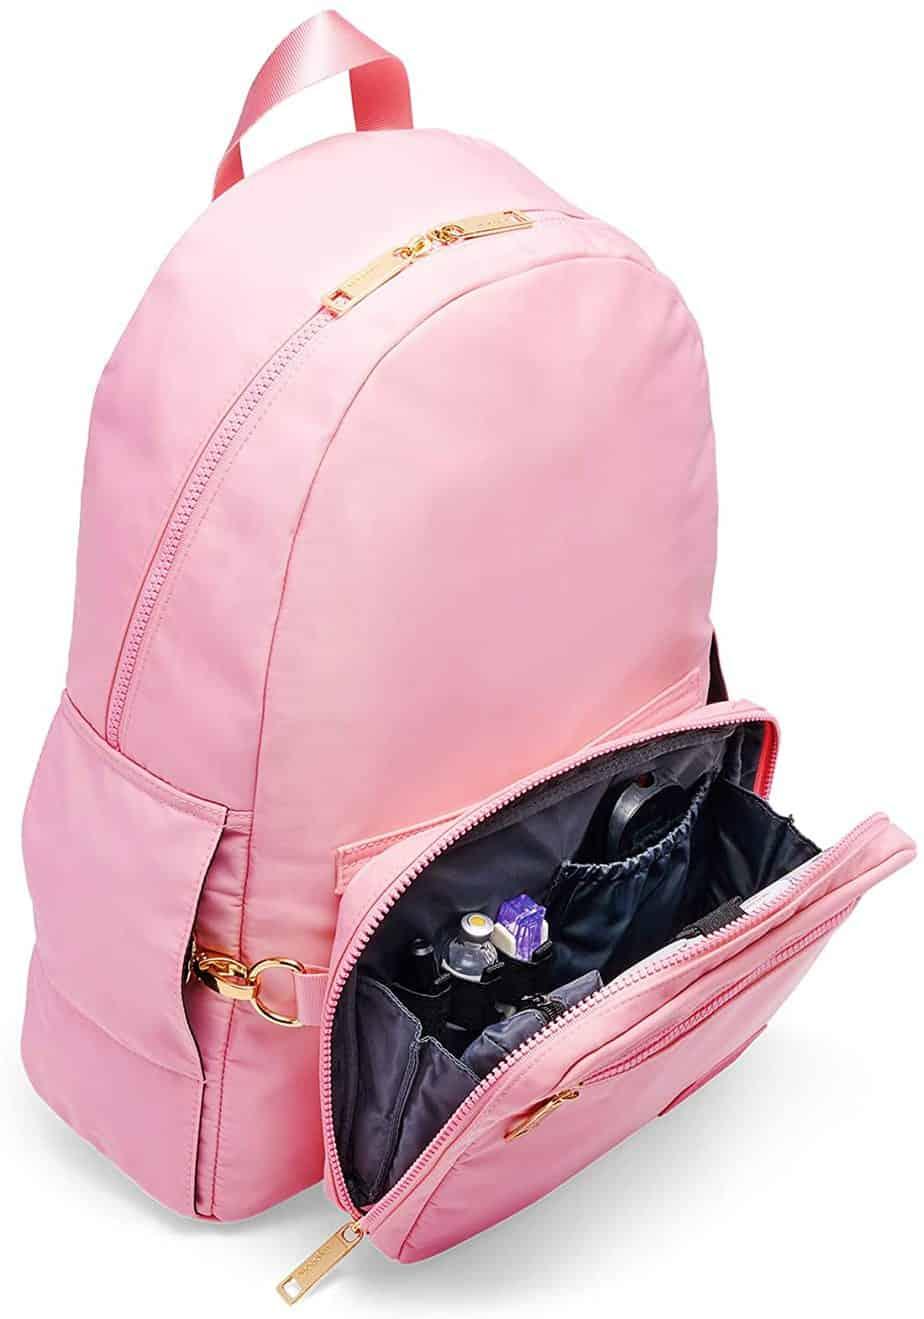 MyAbetic Diabetes backpack Edelman